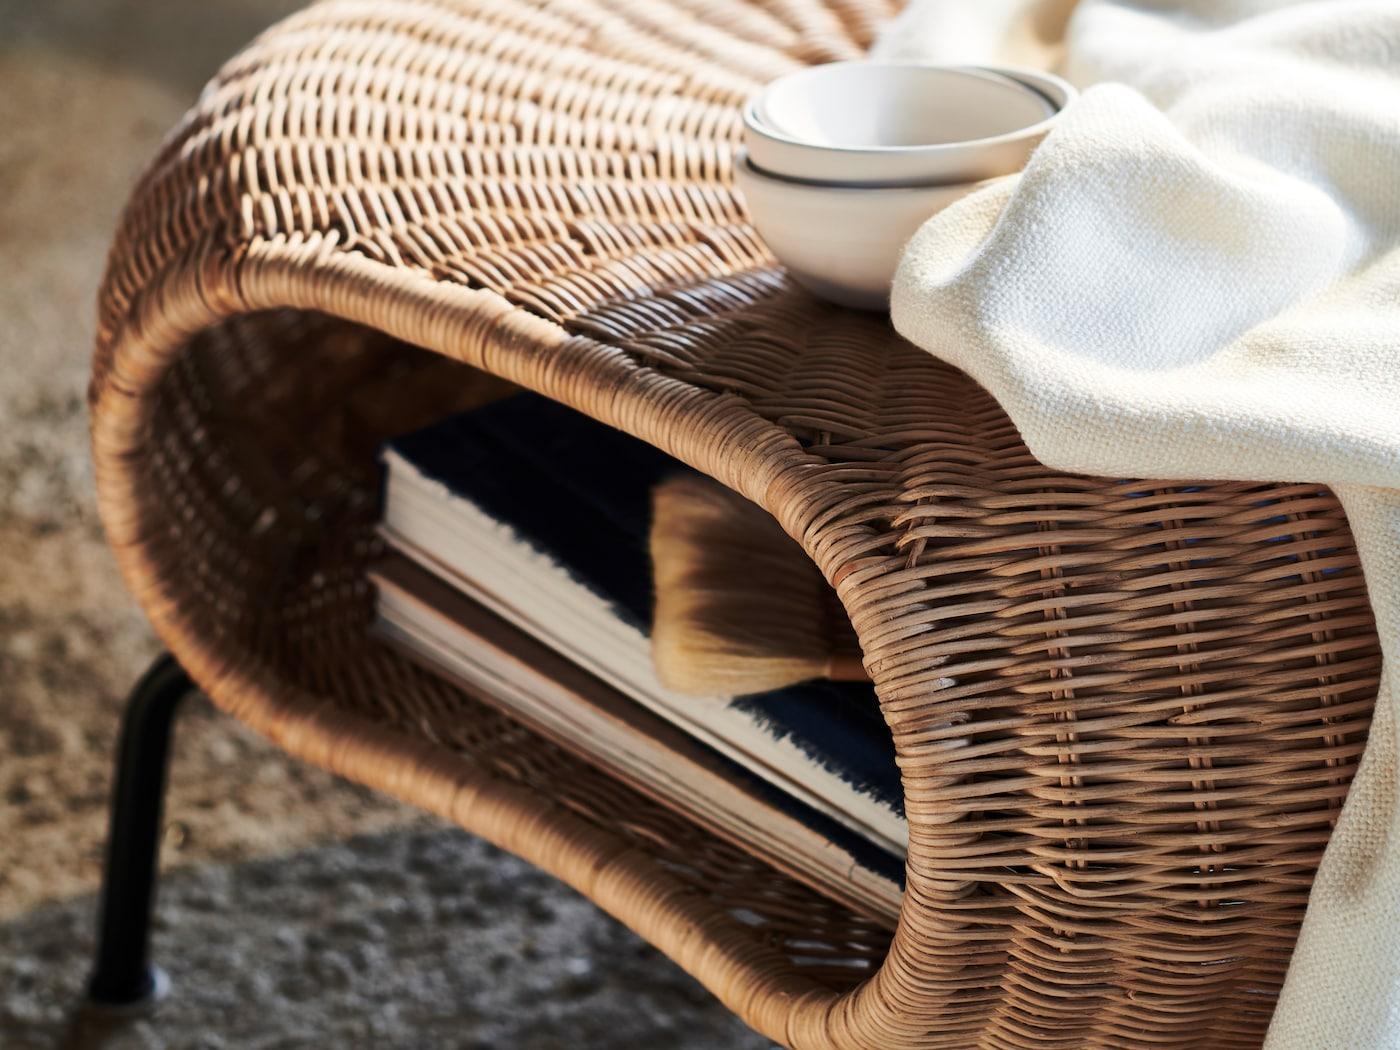 Et hvitt pledd og tre hvite skåler på en GAMLEHULT fotskammel med bøker i.